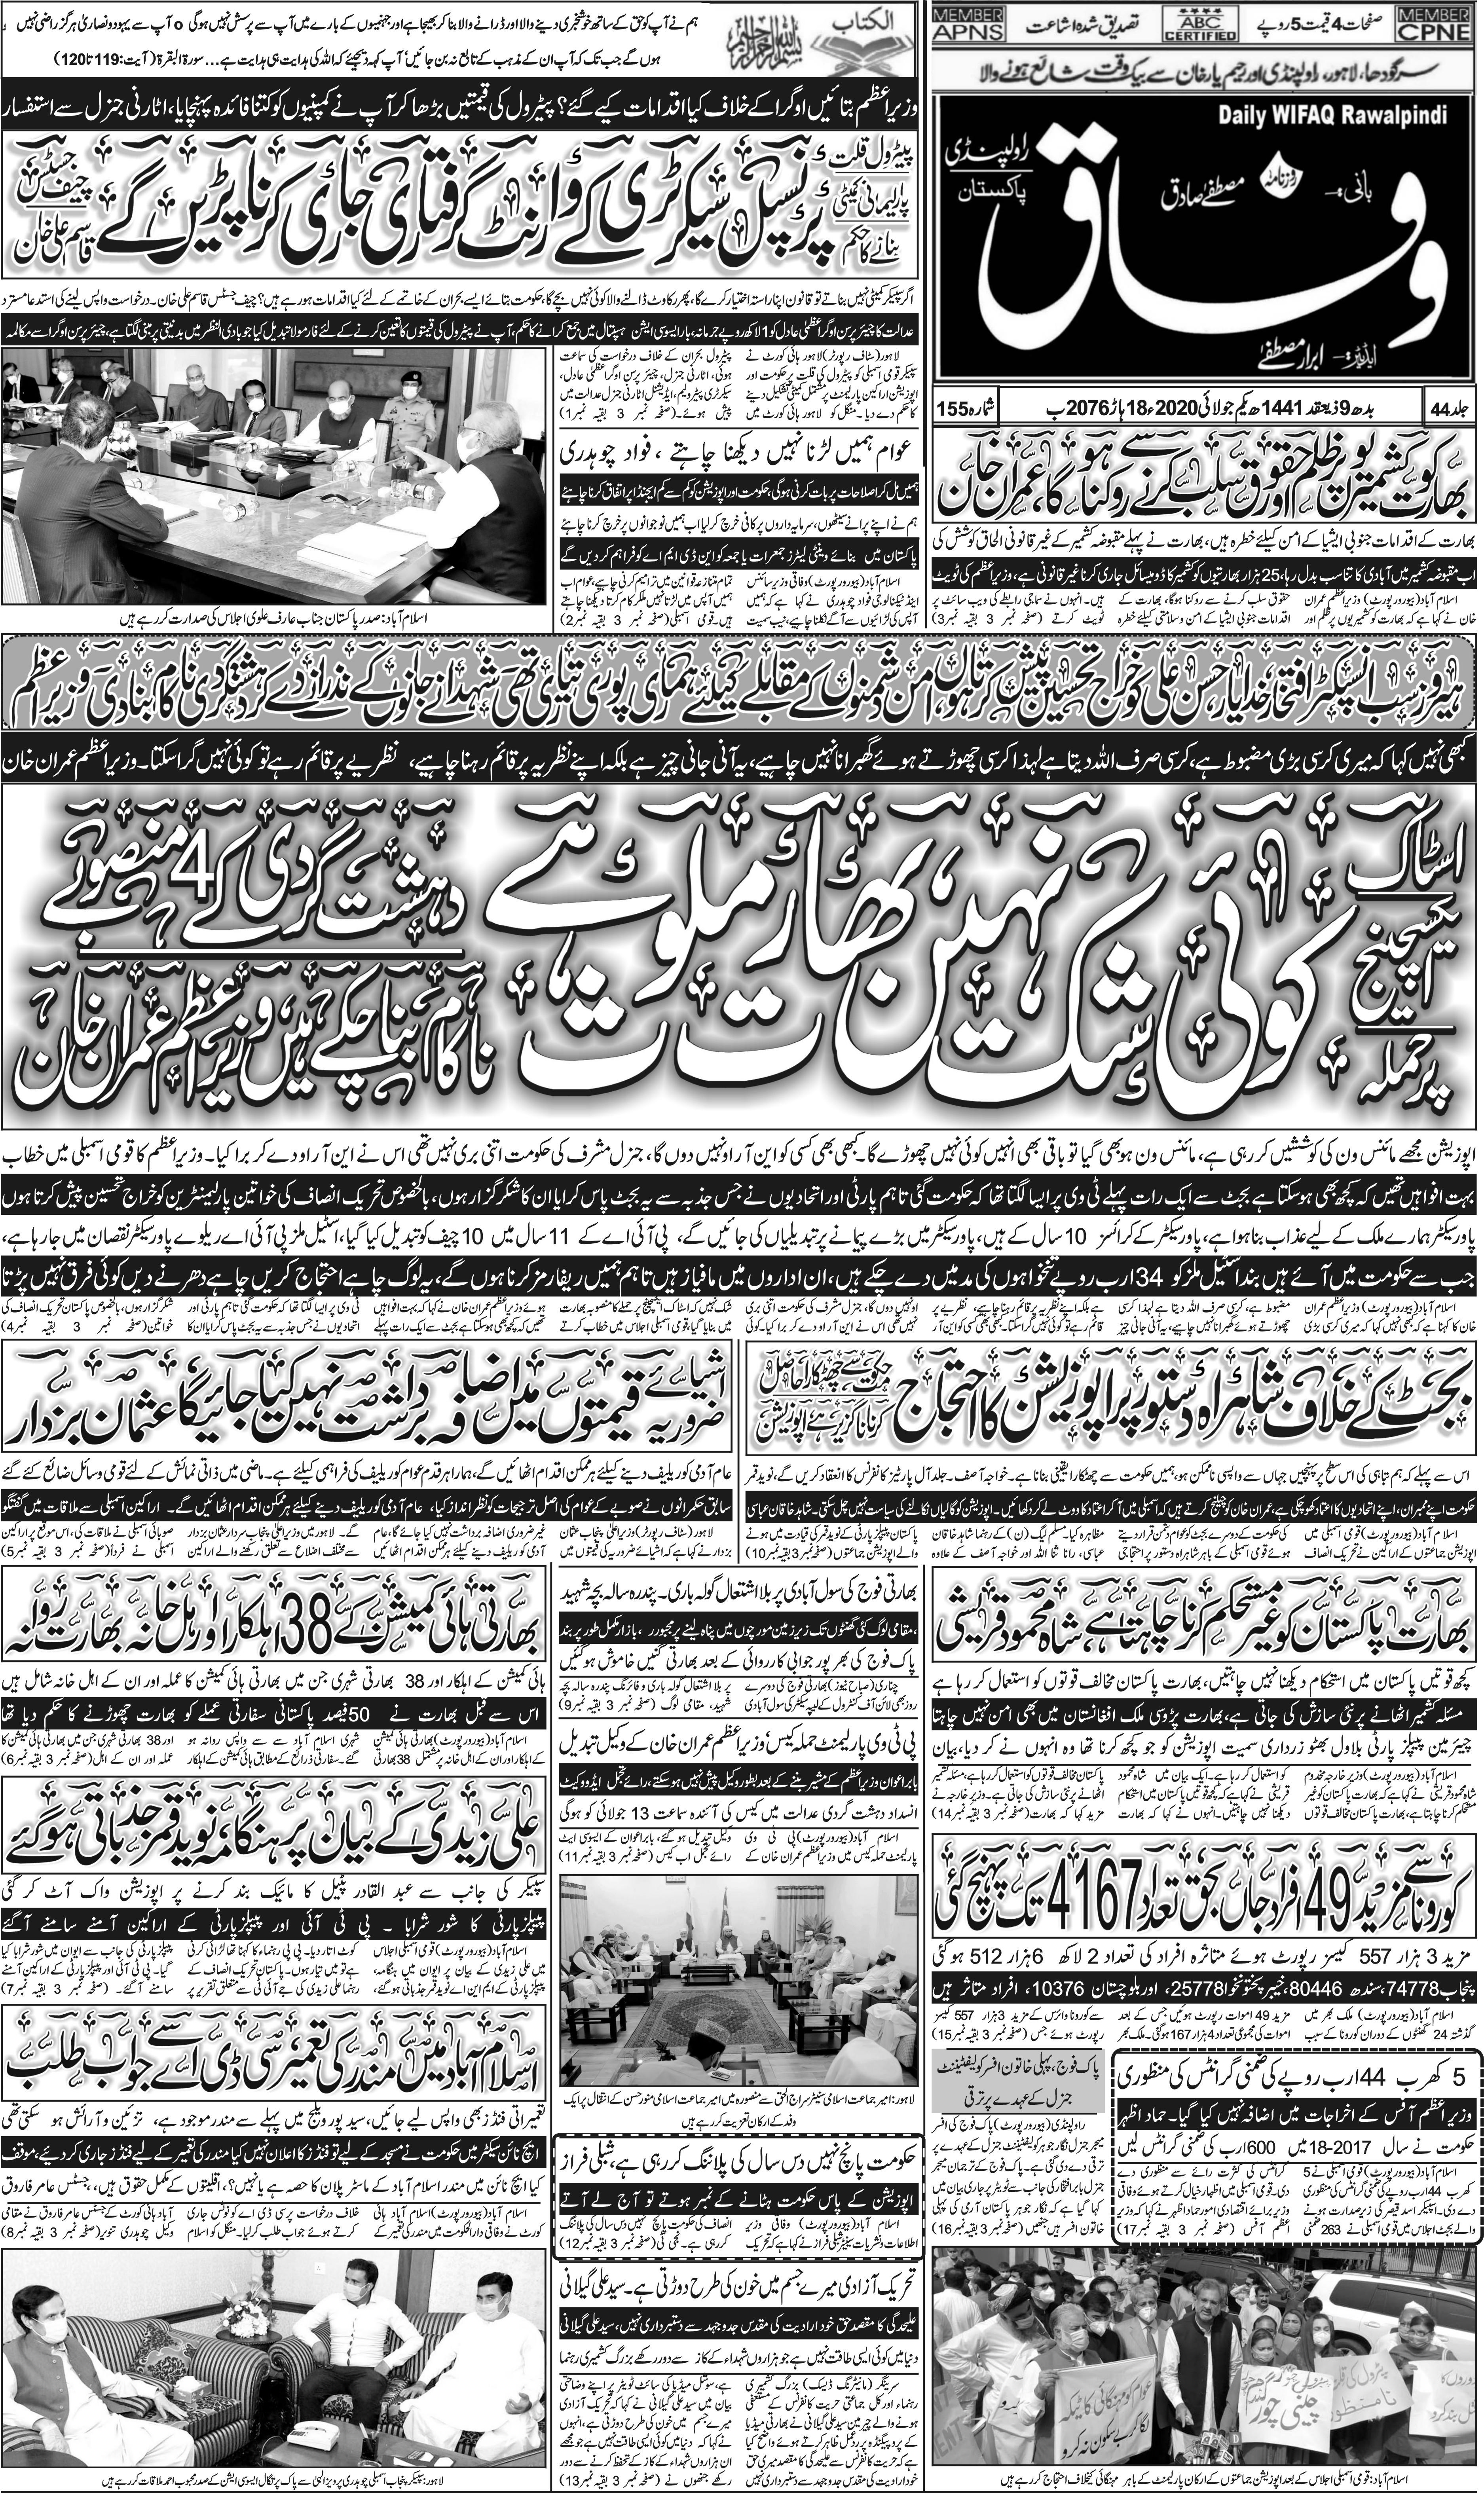 e-Paper – Daily Wifaq – Rawalpindi – 01-07-2020